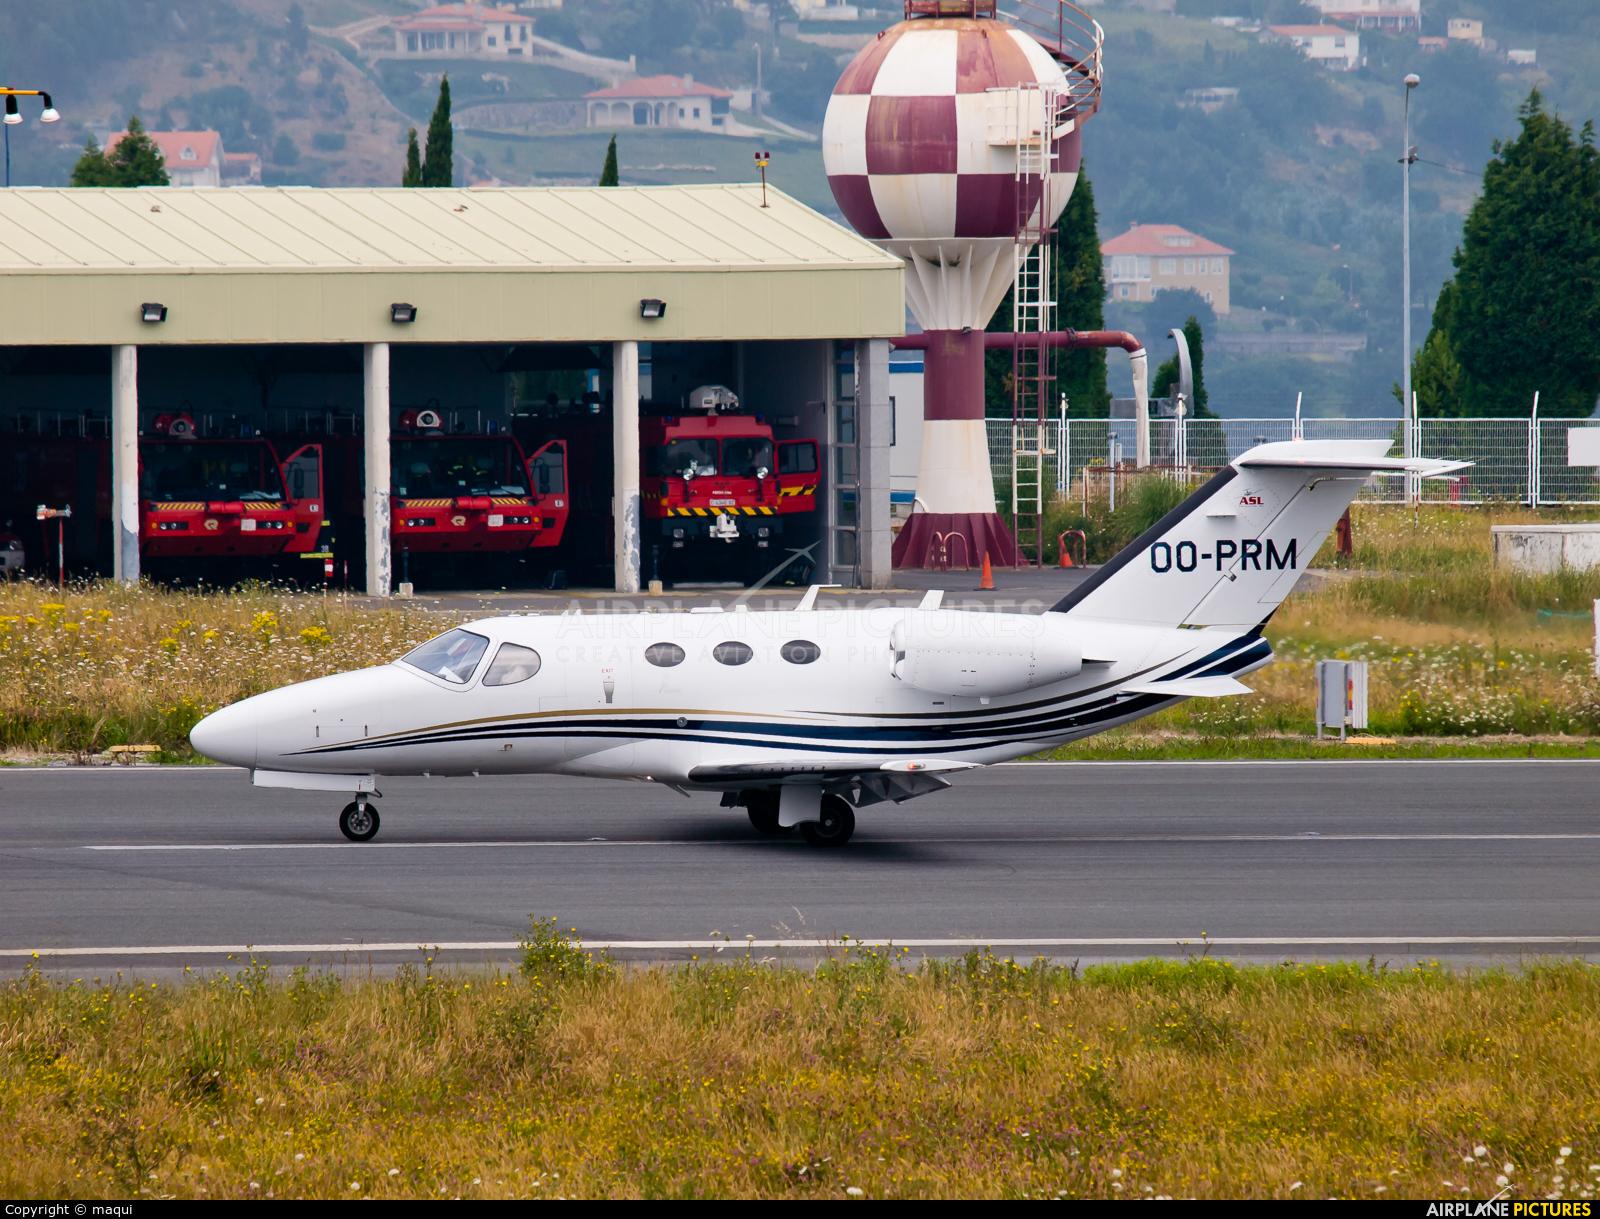 Private OO-PRM aircraft at La Coruña